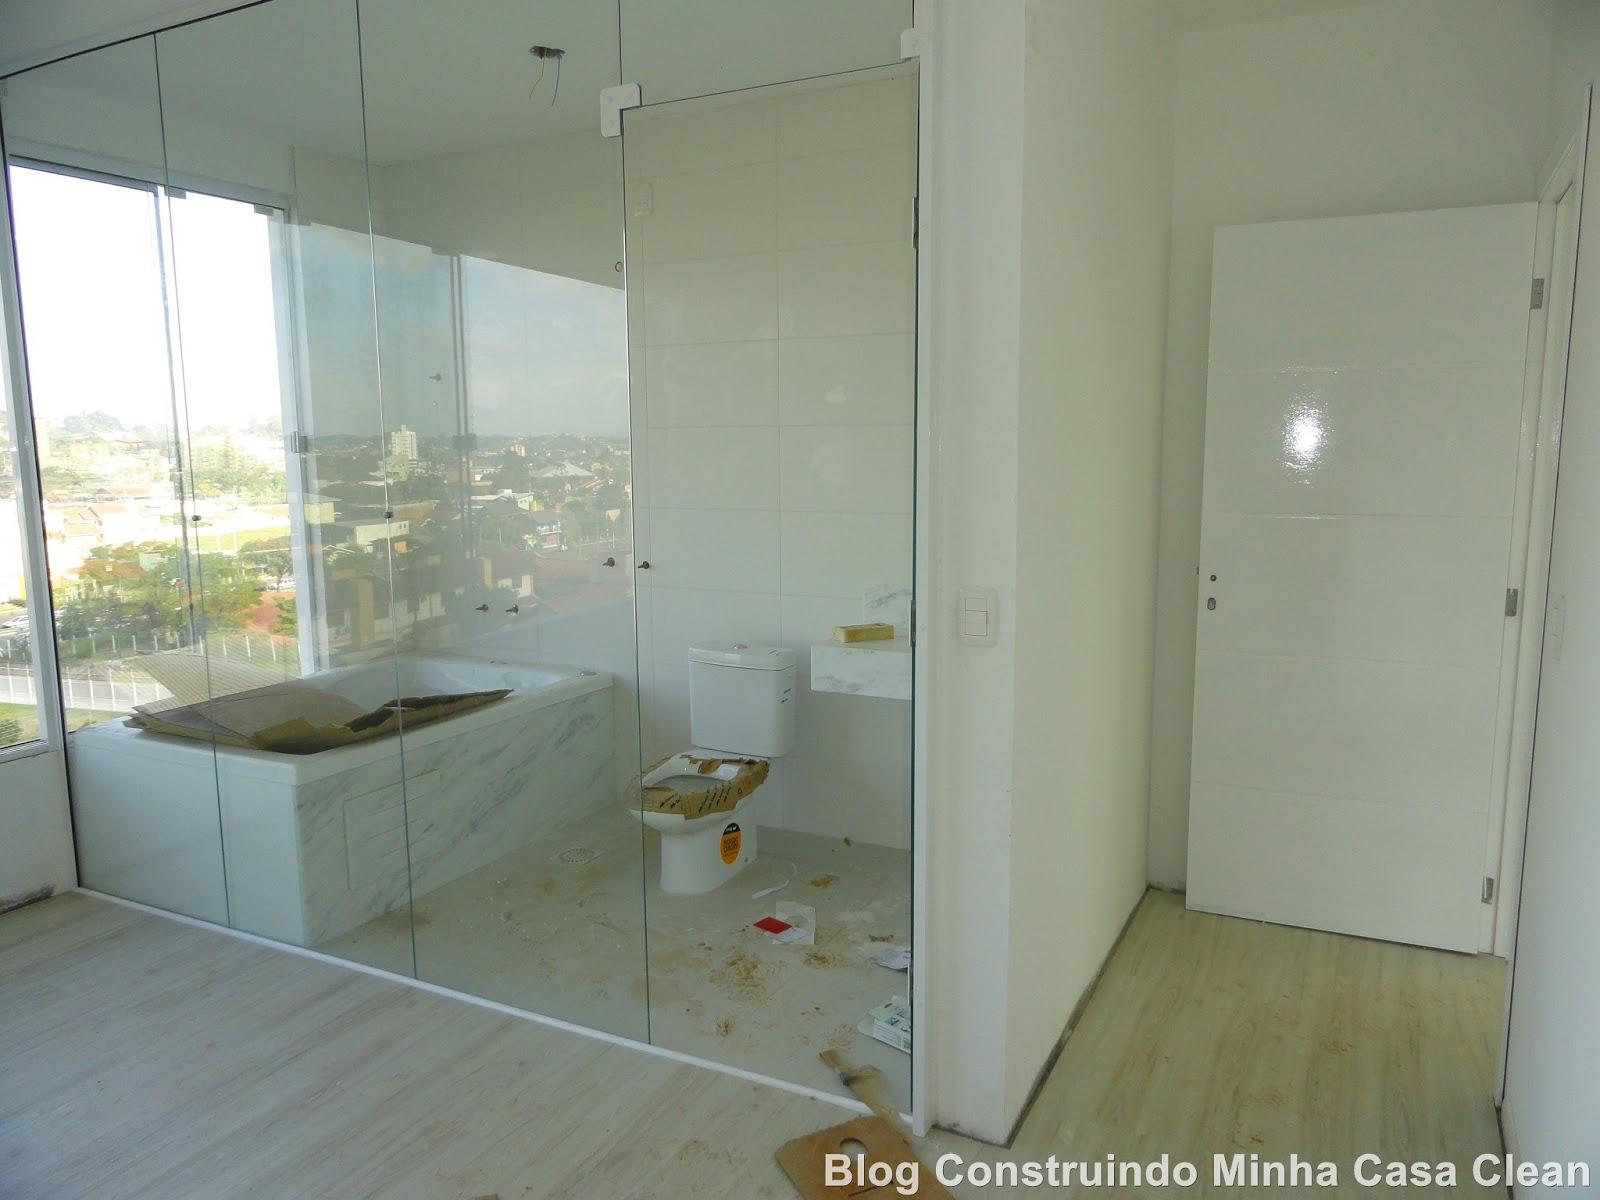 de entrada da suíte porta branquinha e parede de vidro do banheiro  #604A24 1600 1200